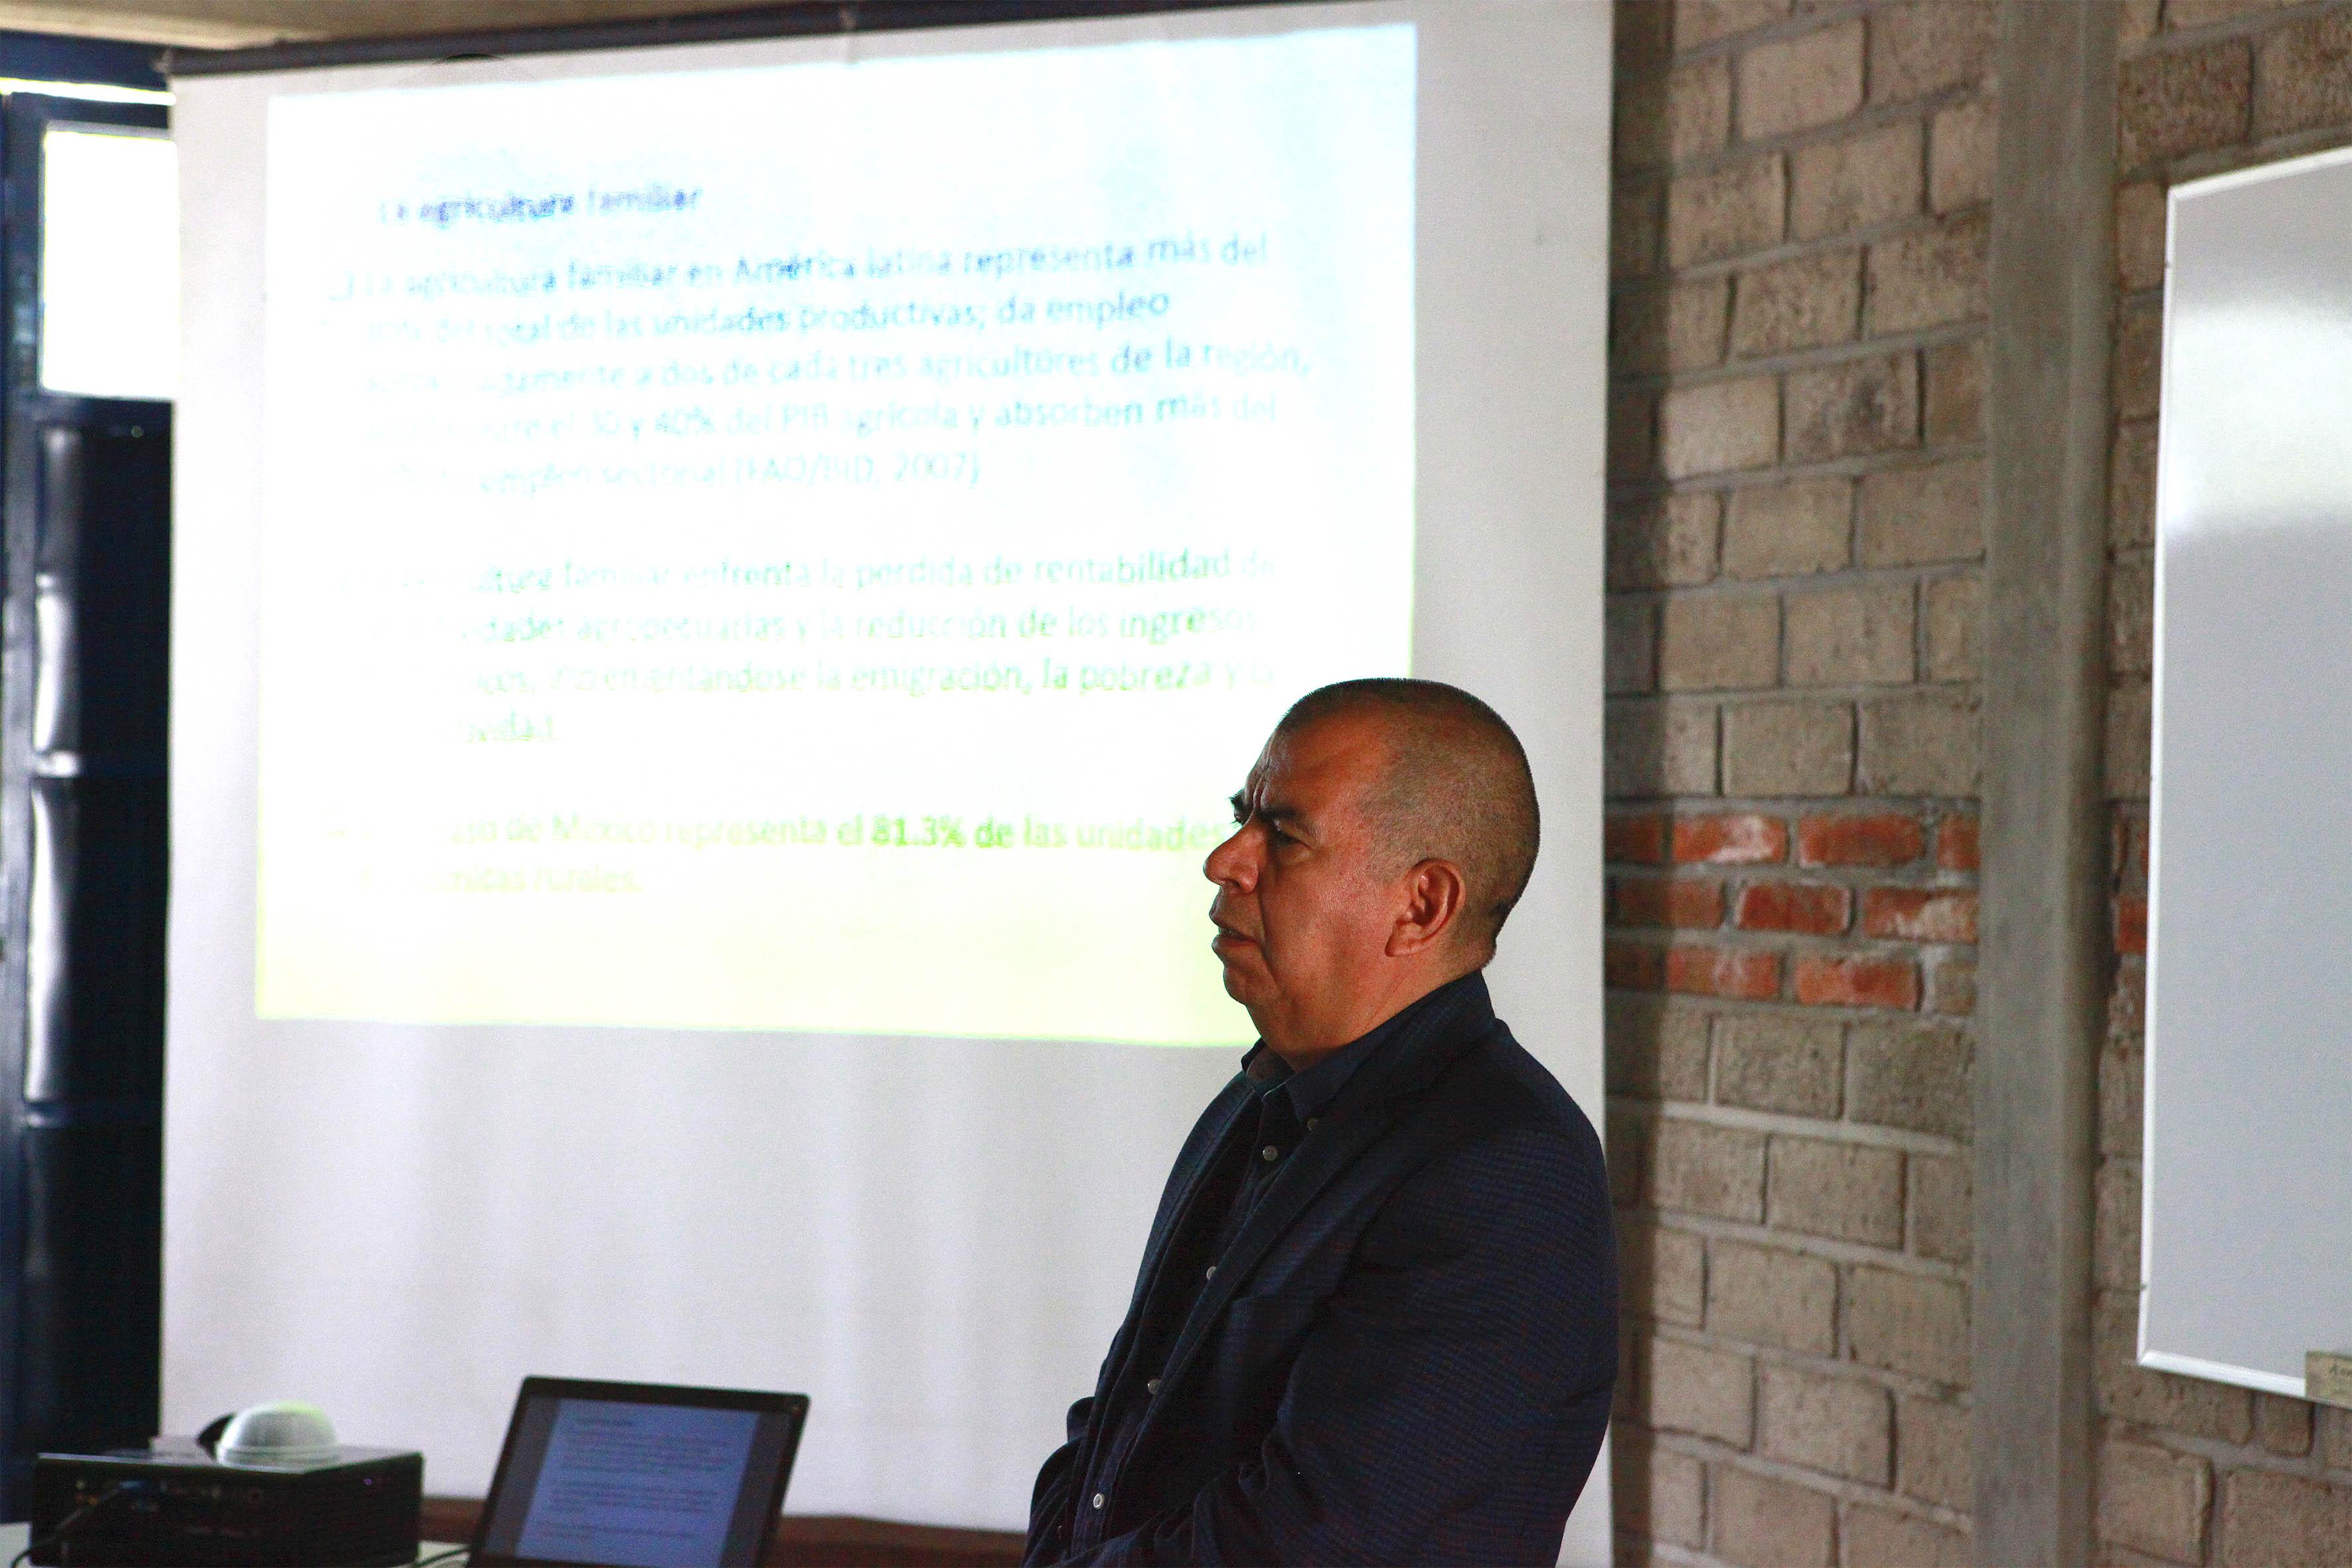 Profesor impartiendo clase durante el curso